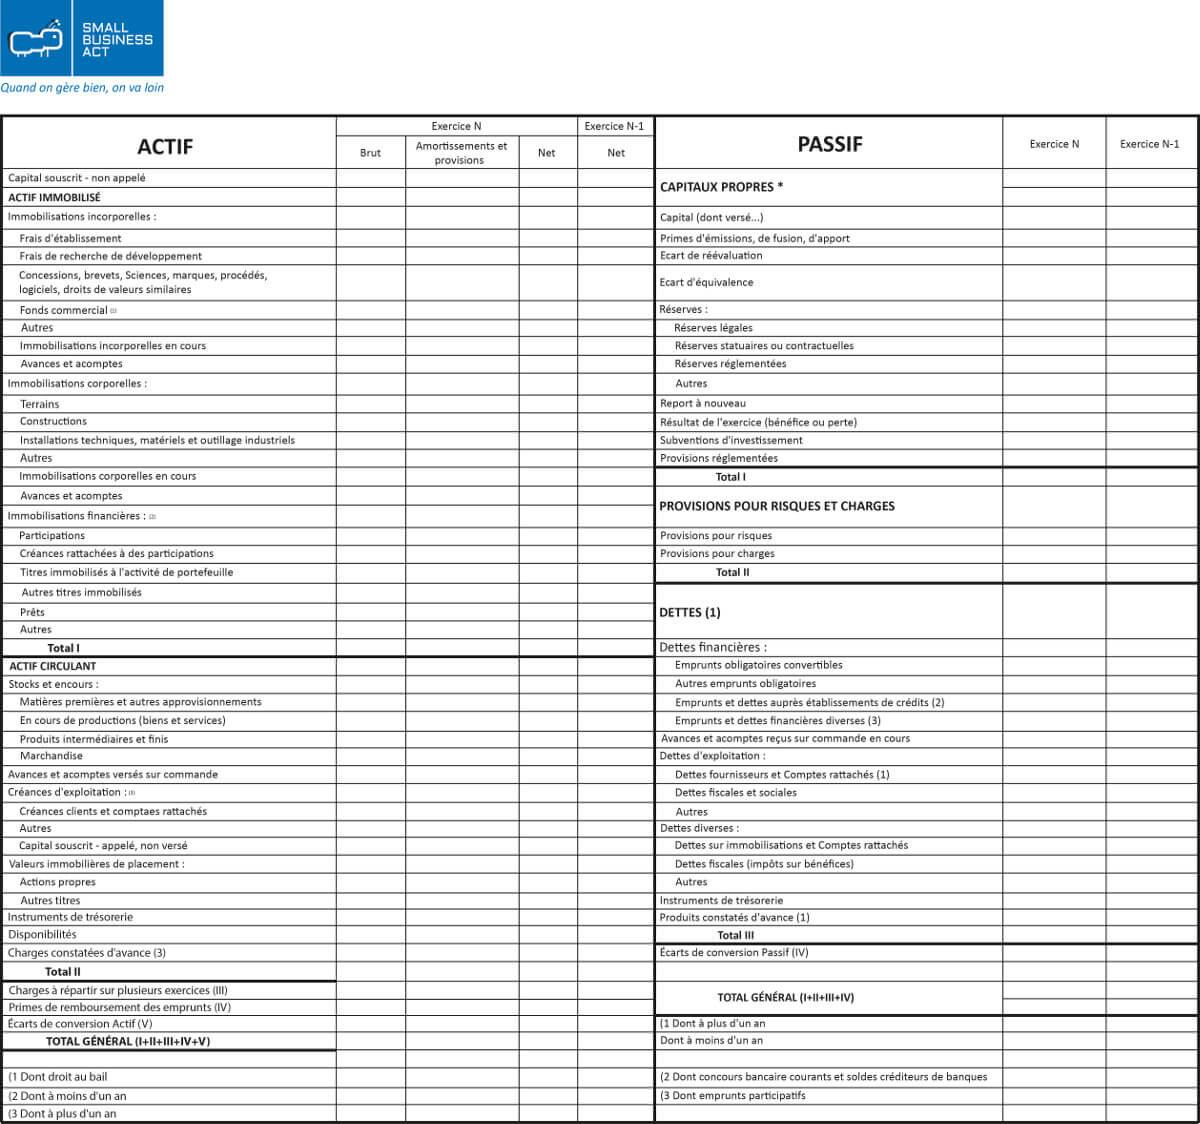 6 Clés pour lire, analyser et comprendre votre bilan comptable - Exemple bilan comptable